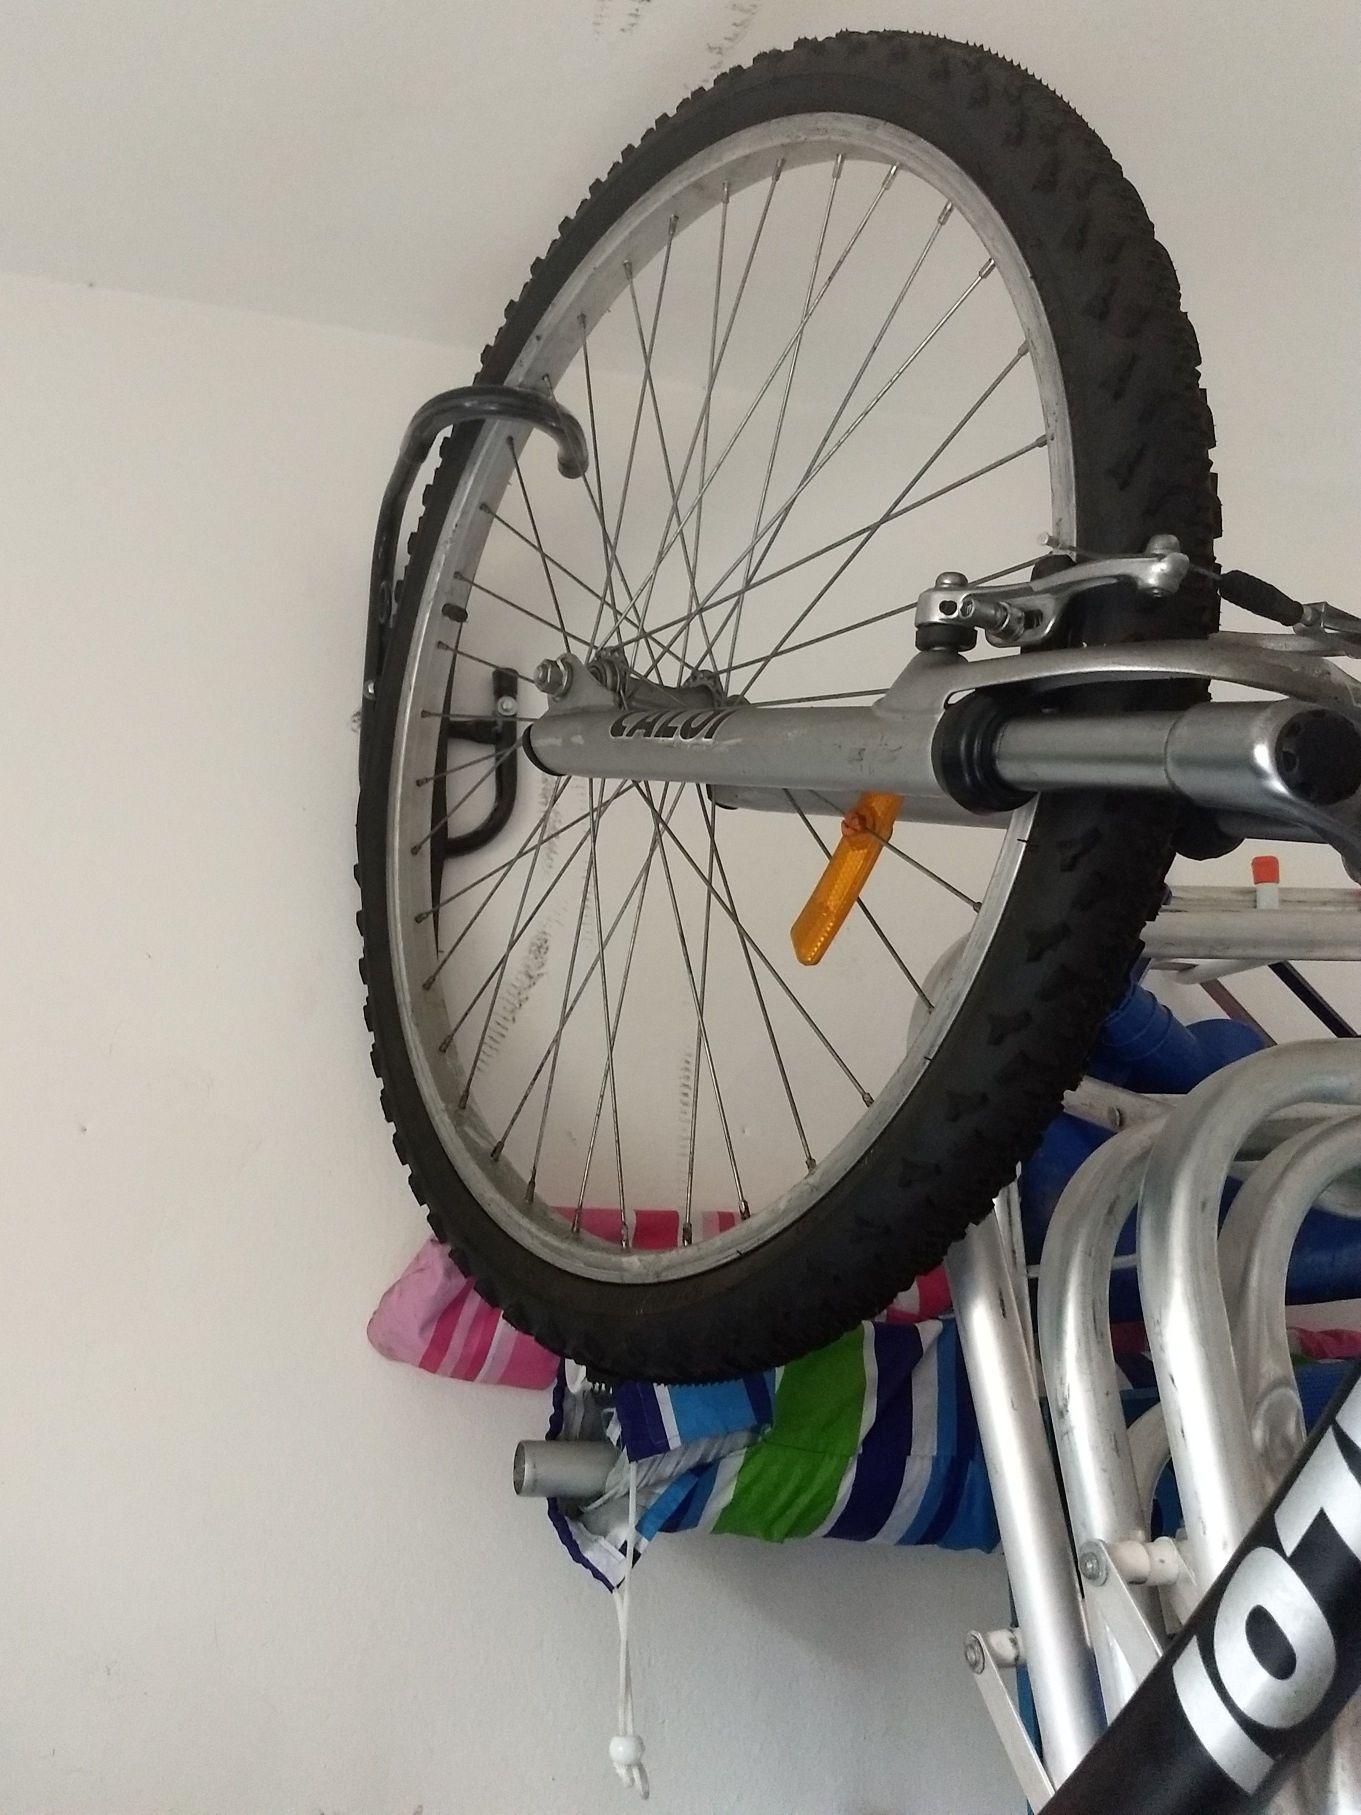 instalação de suporte na parede para bicicleta